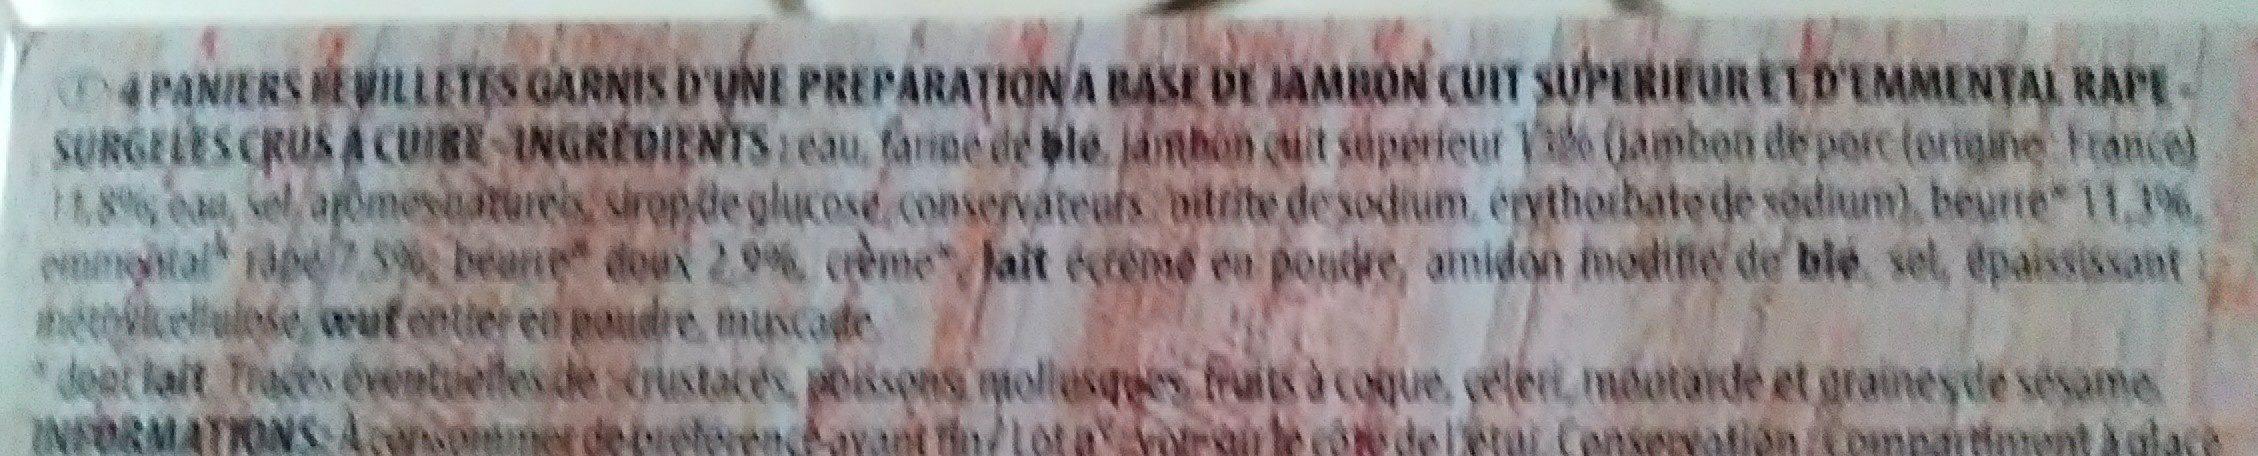 Paniers Feuilletés Jambon Emmental - Ingrédients